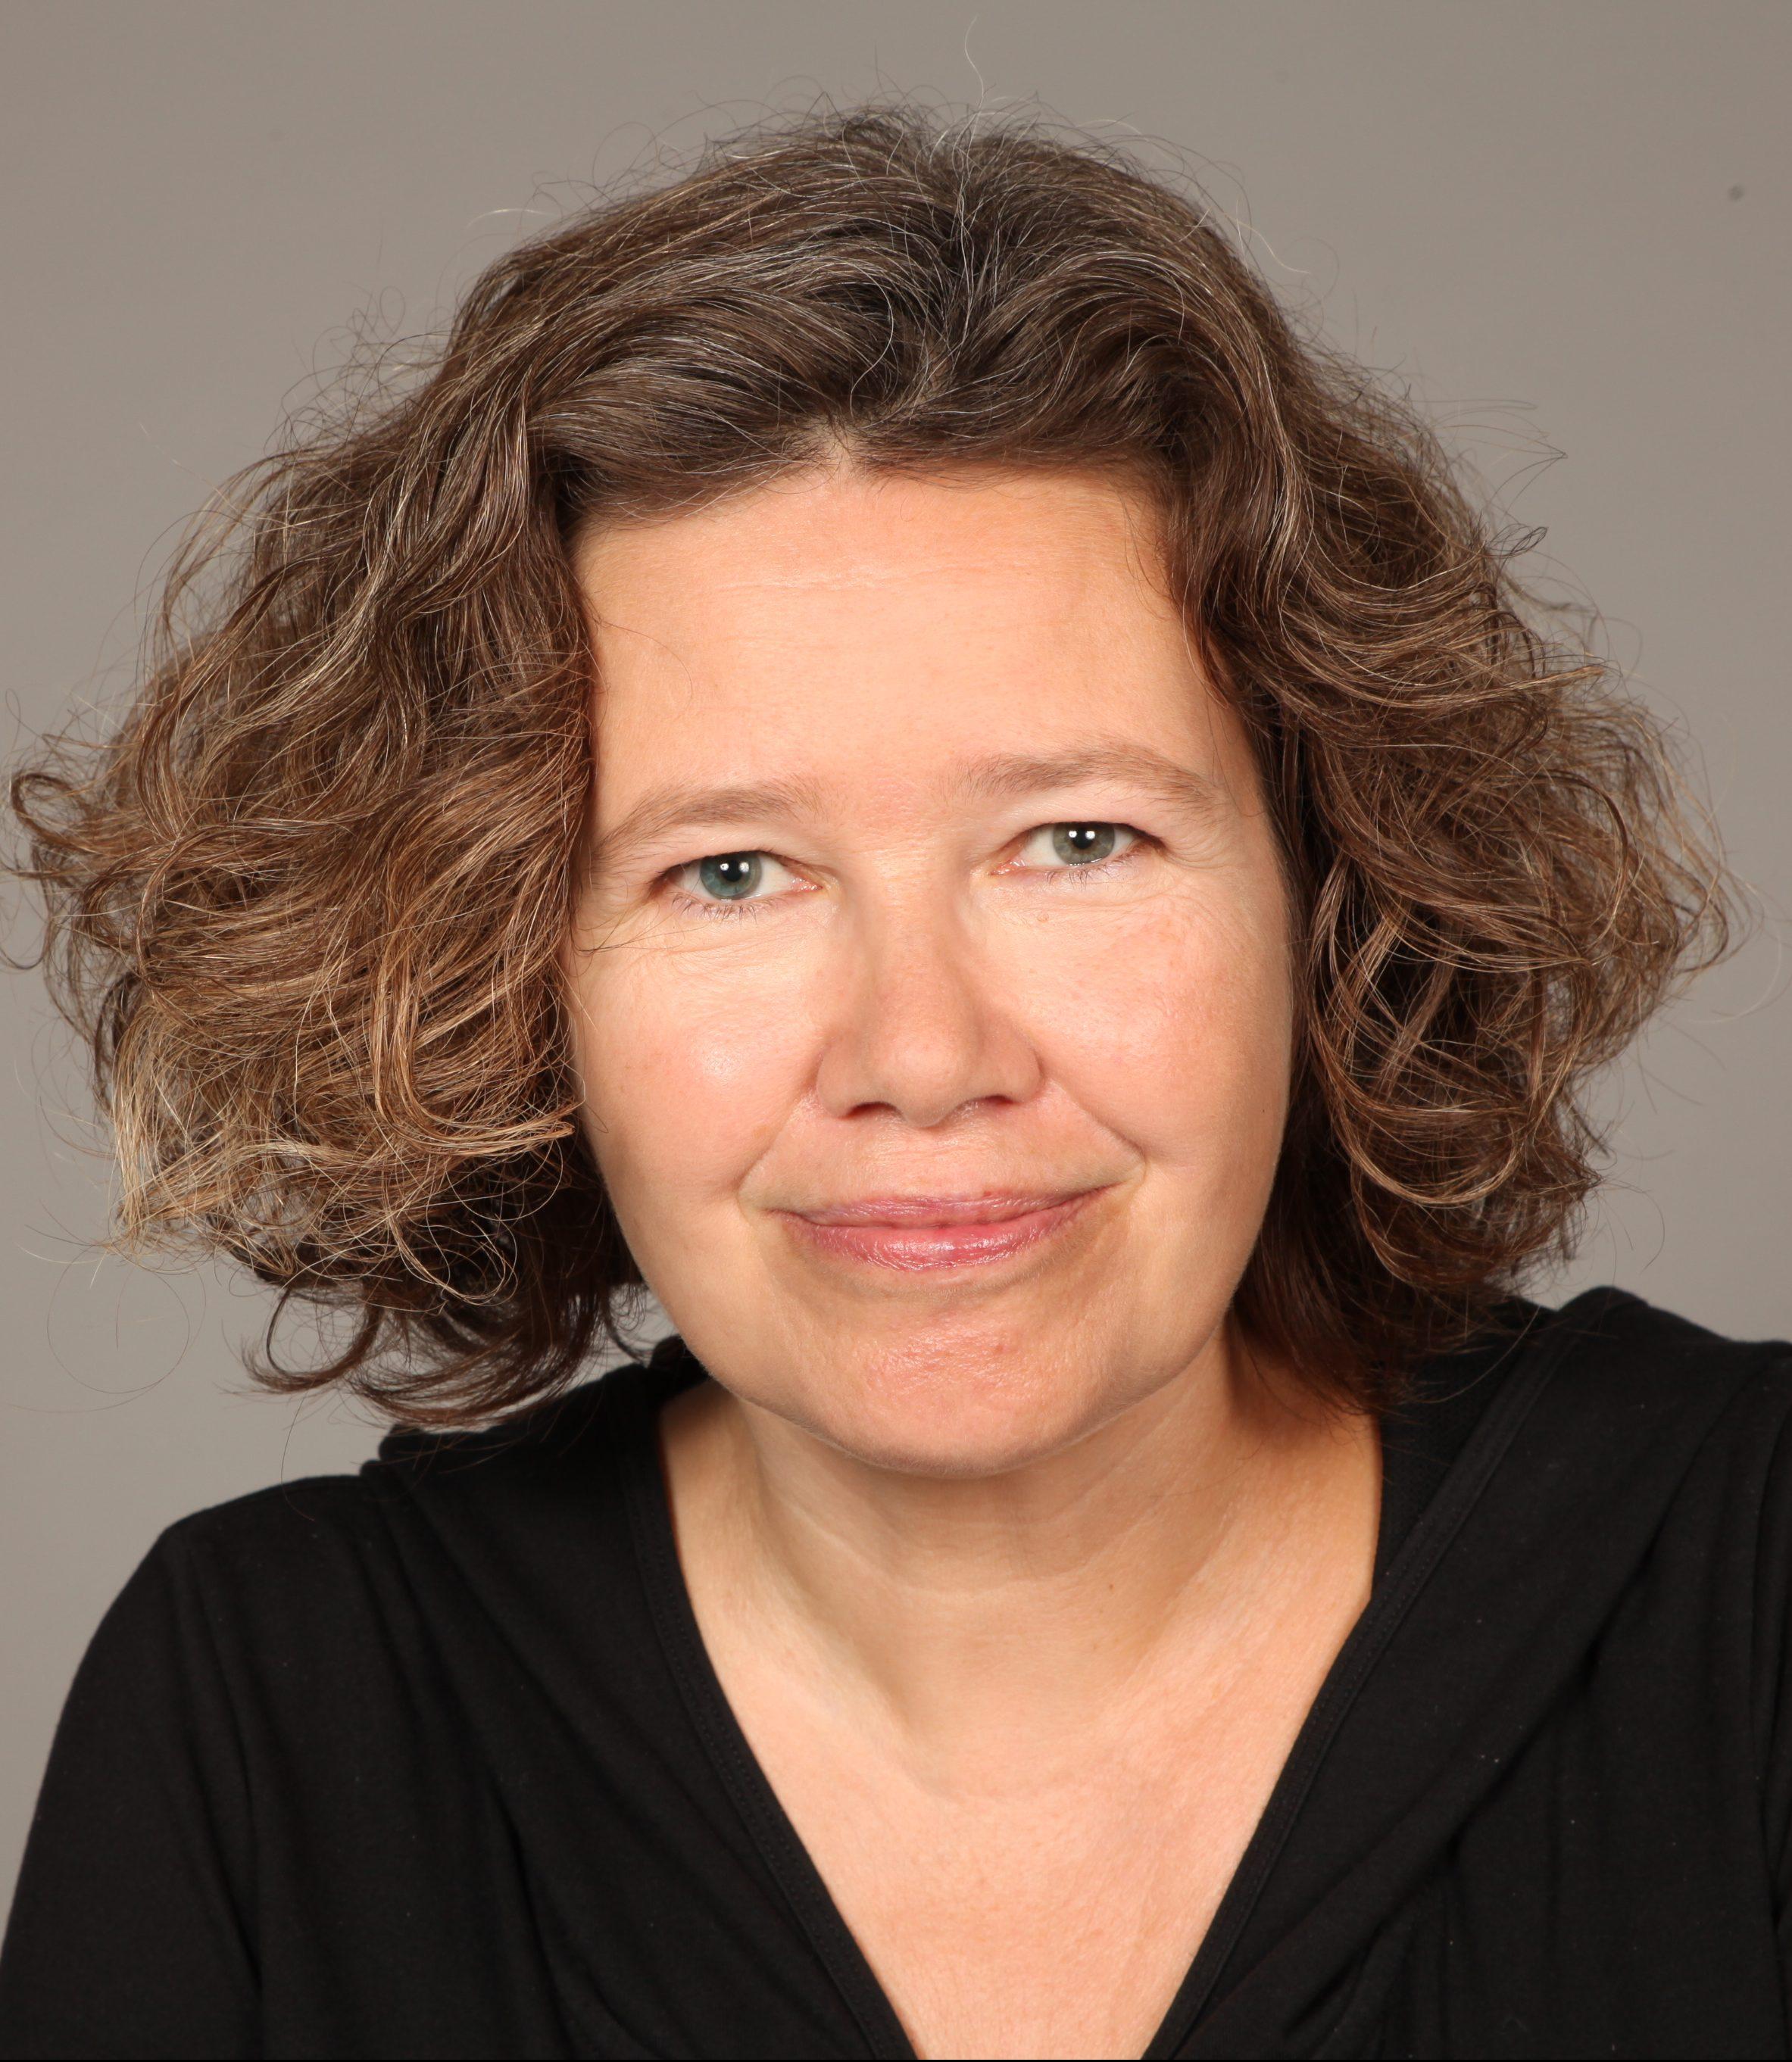 Anu Pöyskö